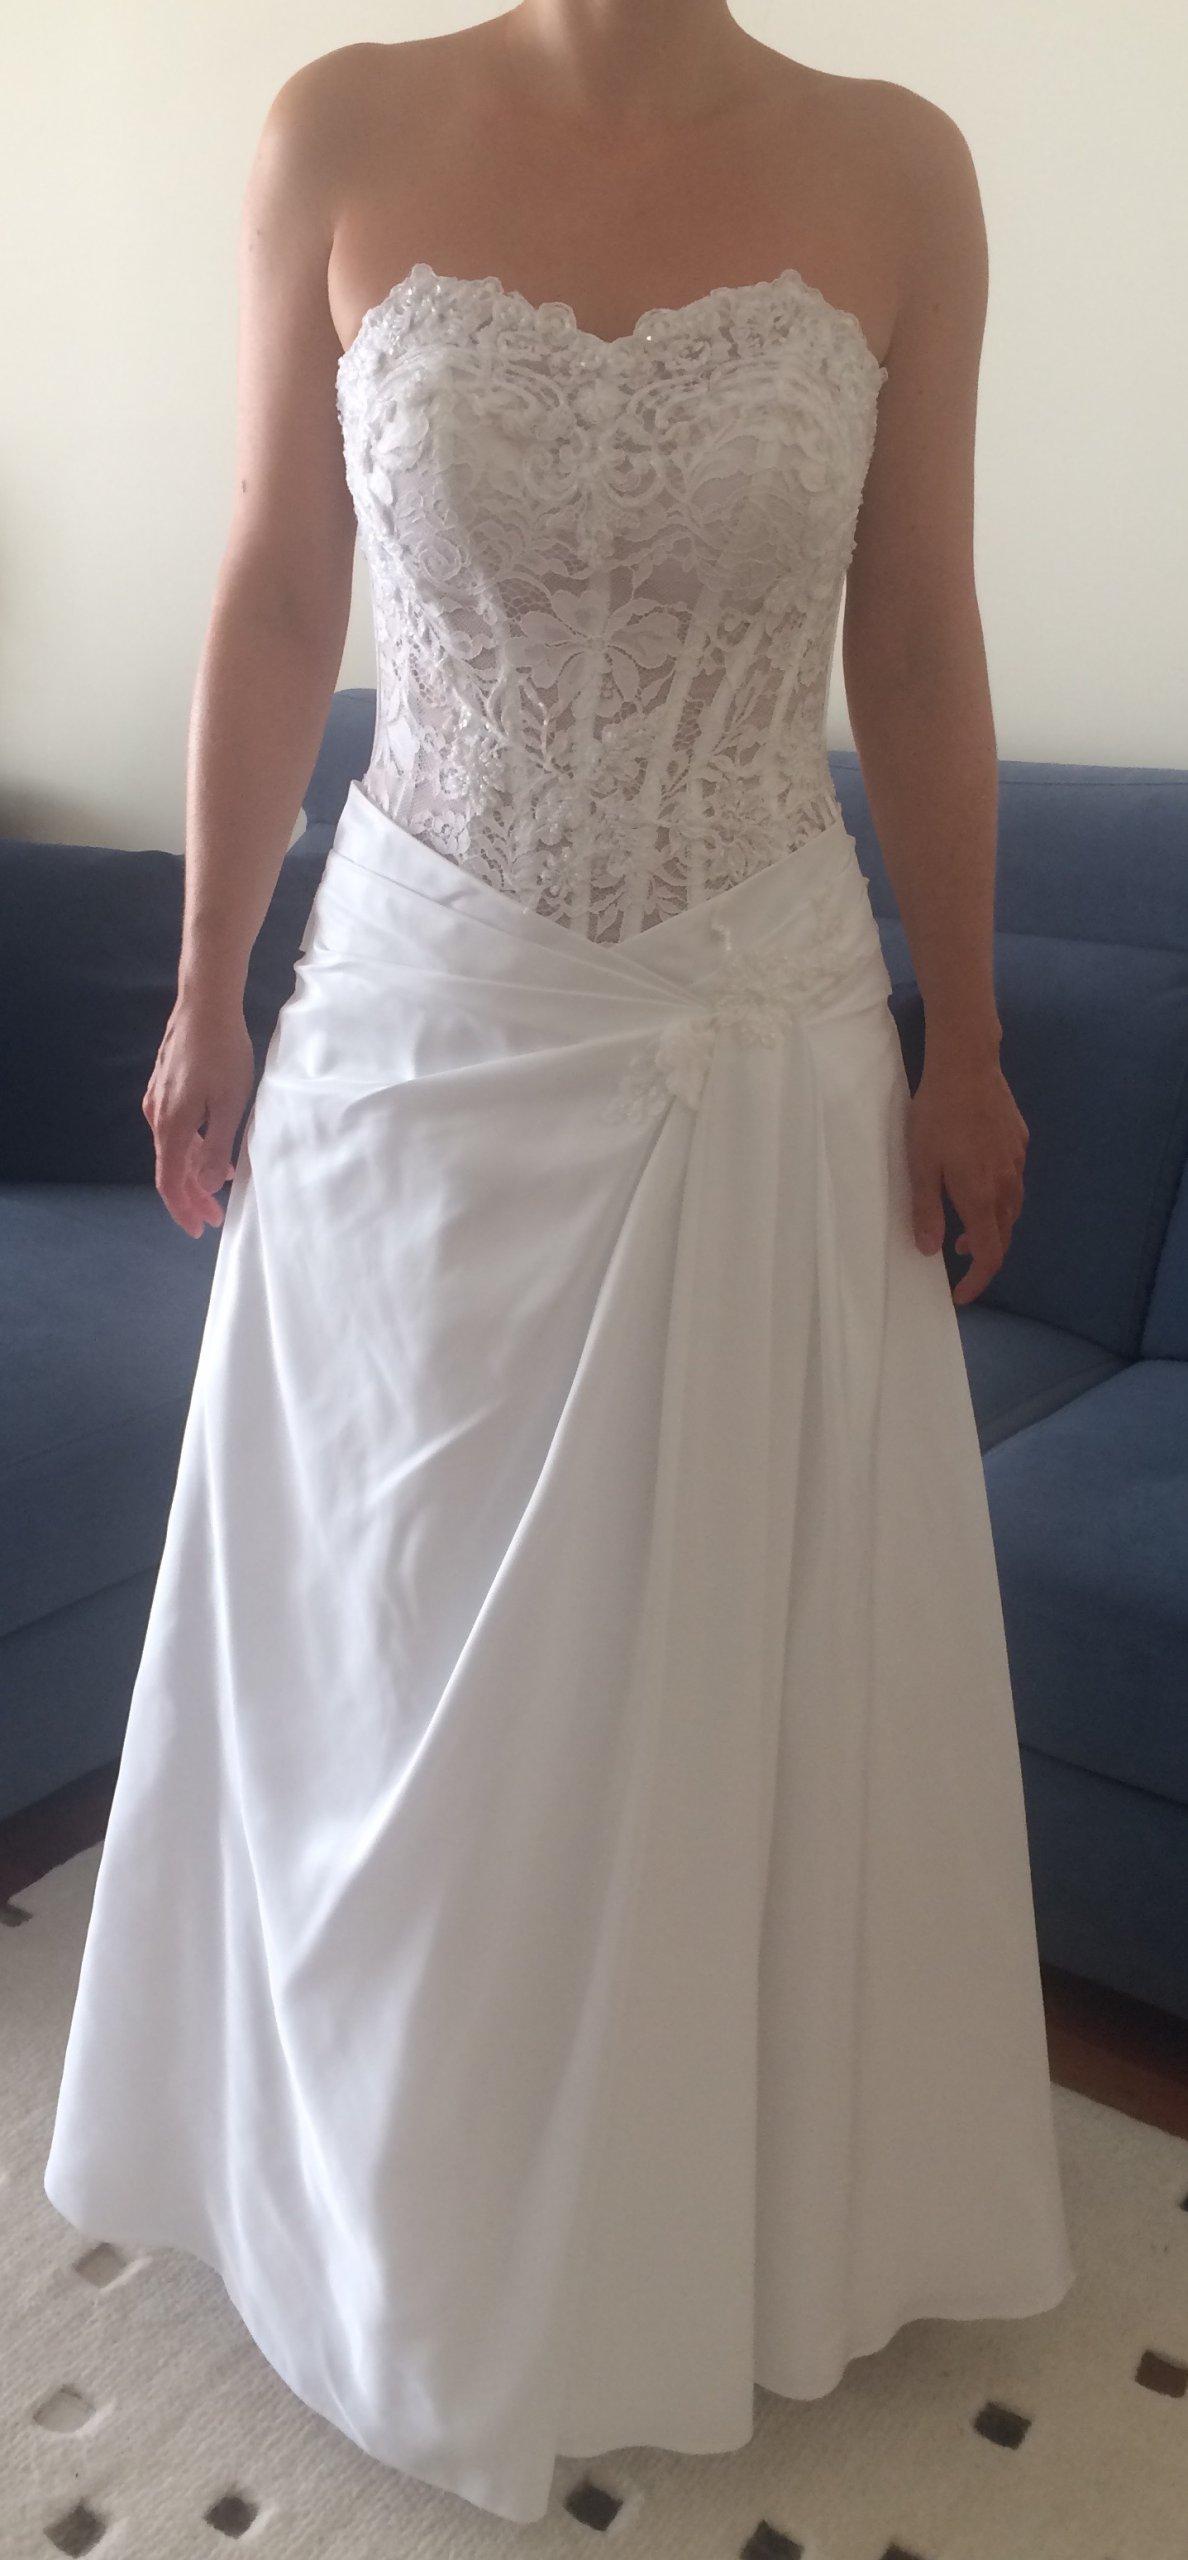 8294afb645 Urocza suknia ślubna Emmi Mariage Gloria 36   38 - 7253781818 ...